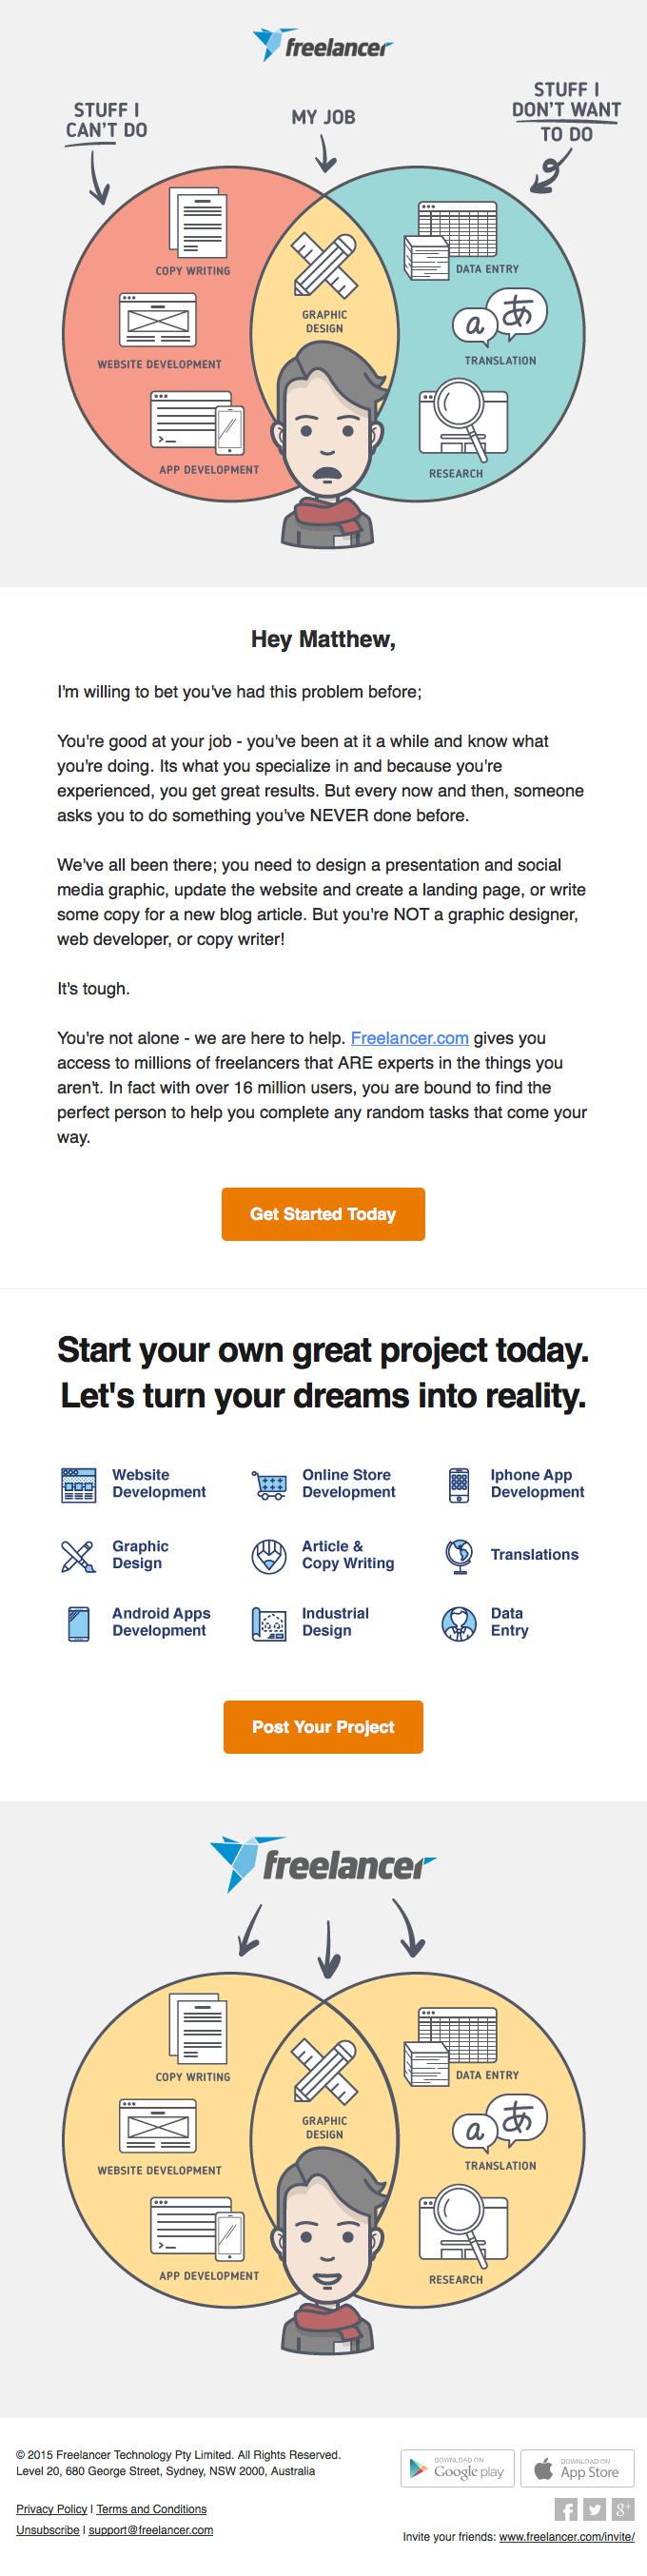 Freelancer_Email-1.png